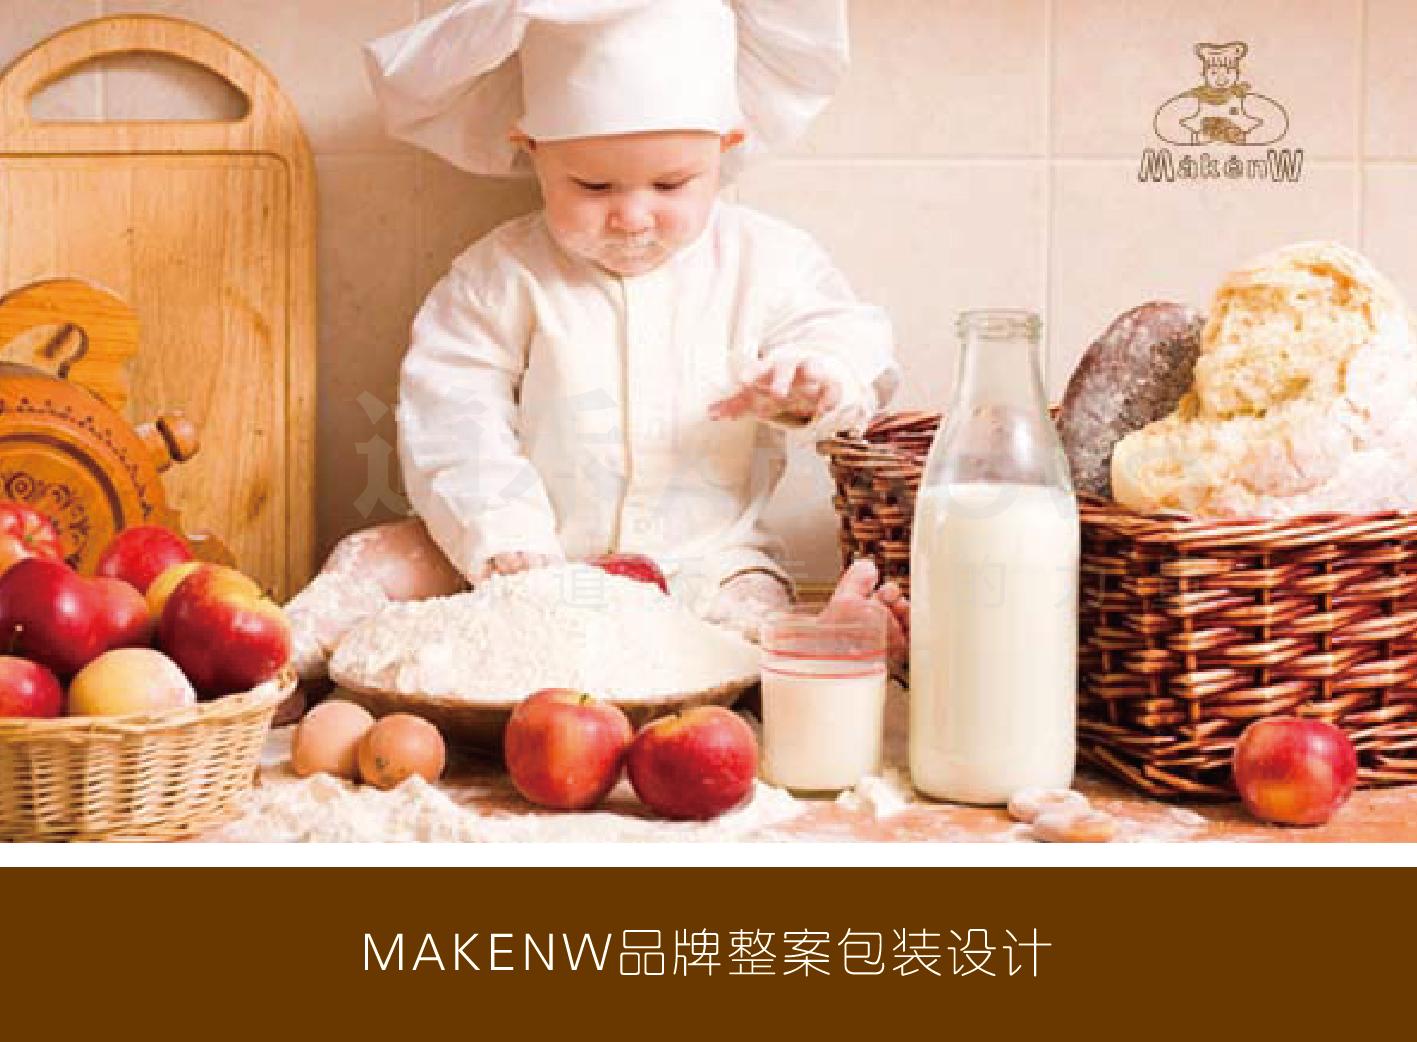 上海MAKENW烘培-VI设计